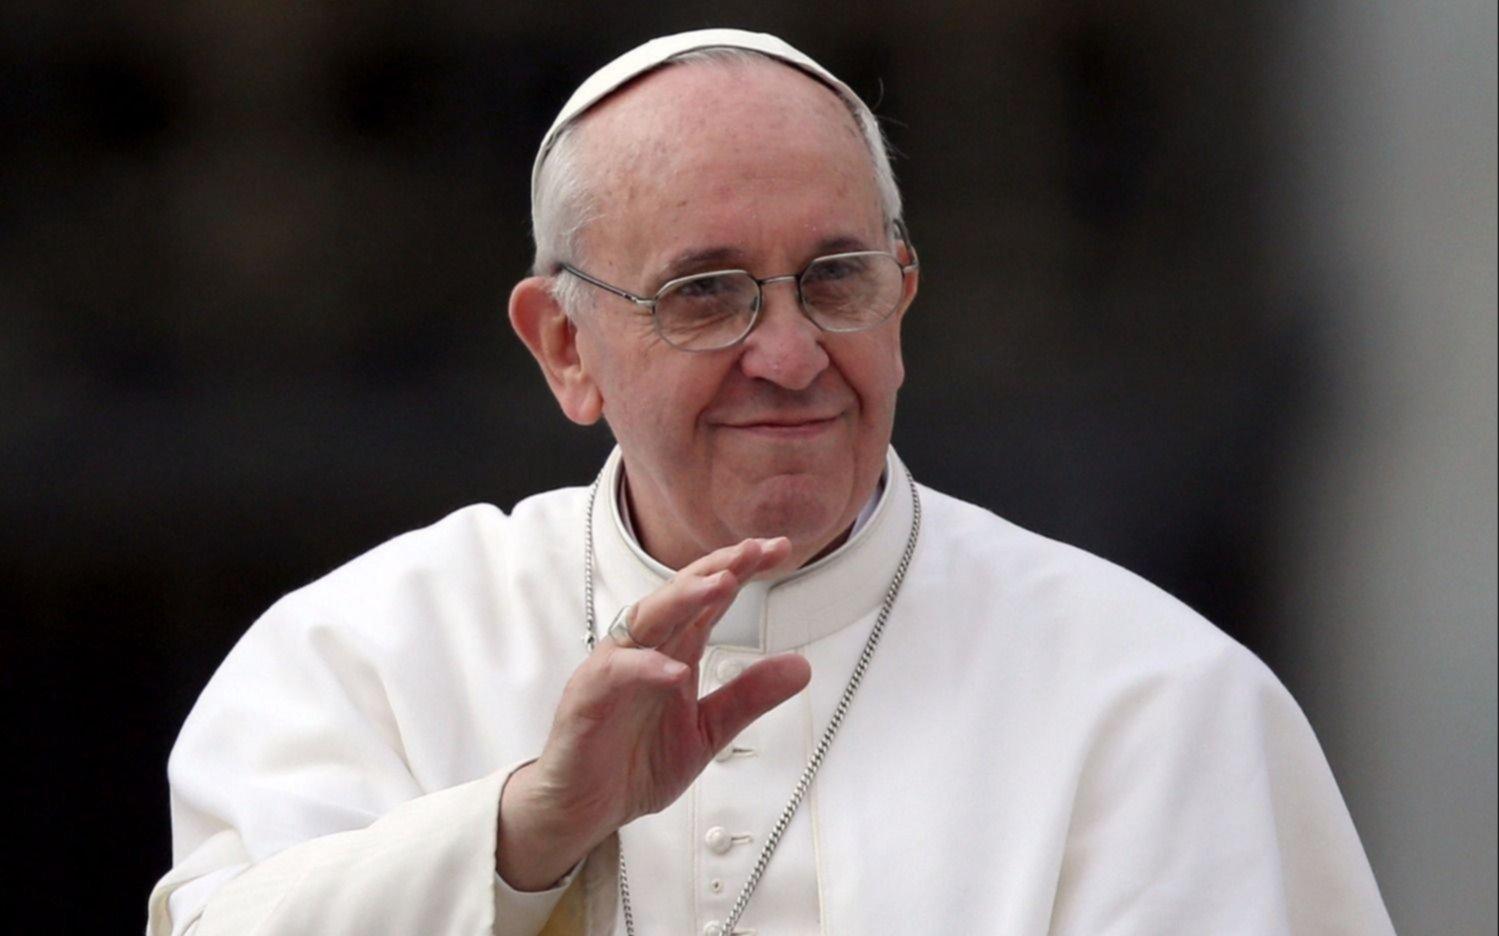 """Francisco denunció una """"casta pecadora"""" en la Curia y adelantó más cambios en el Vaticano"""